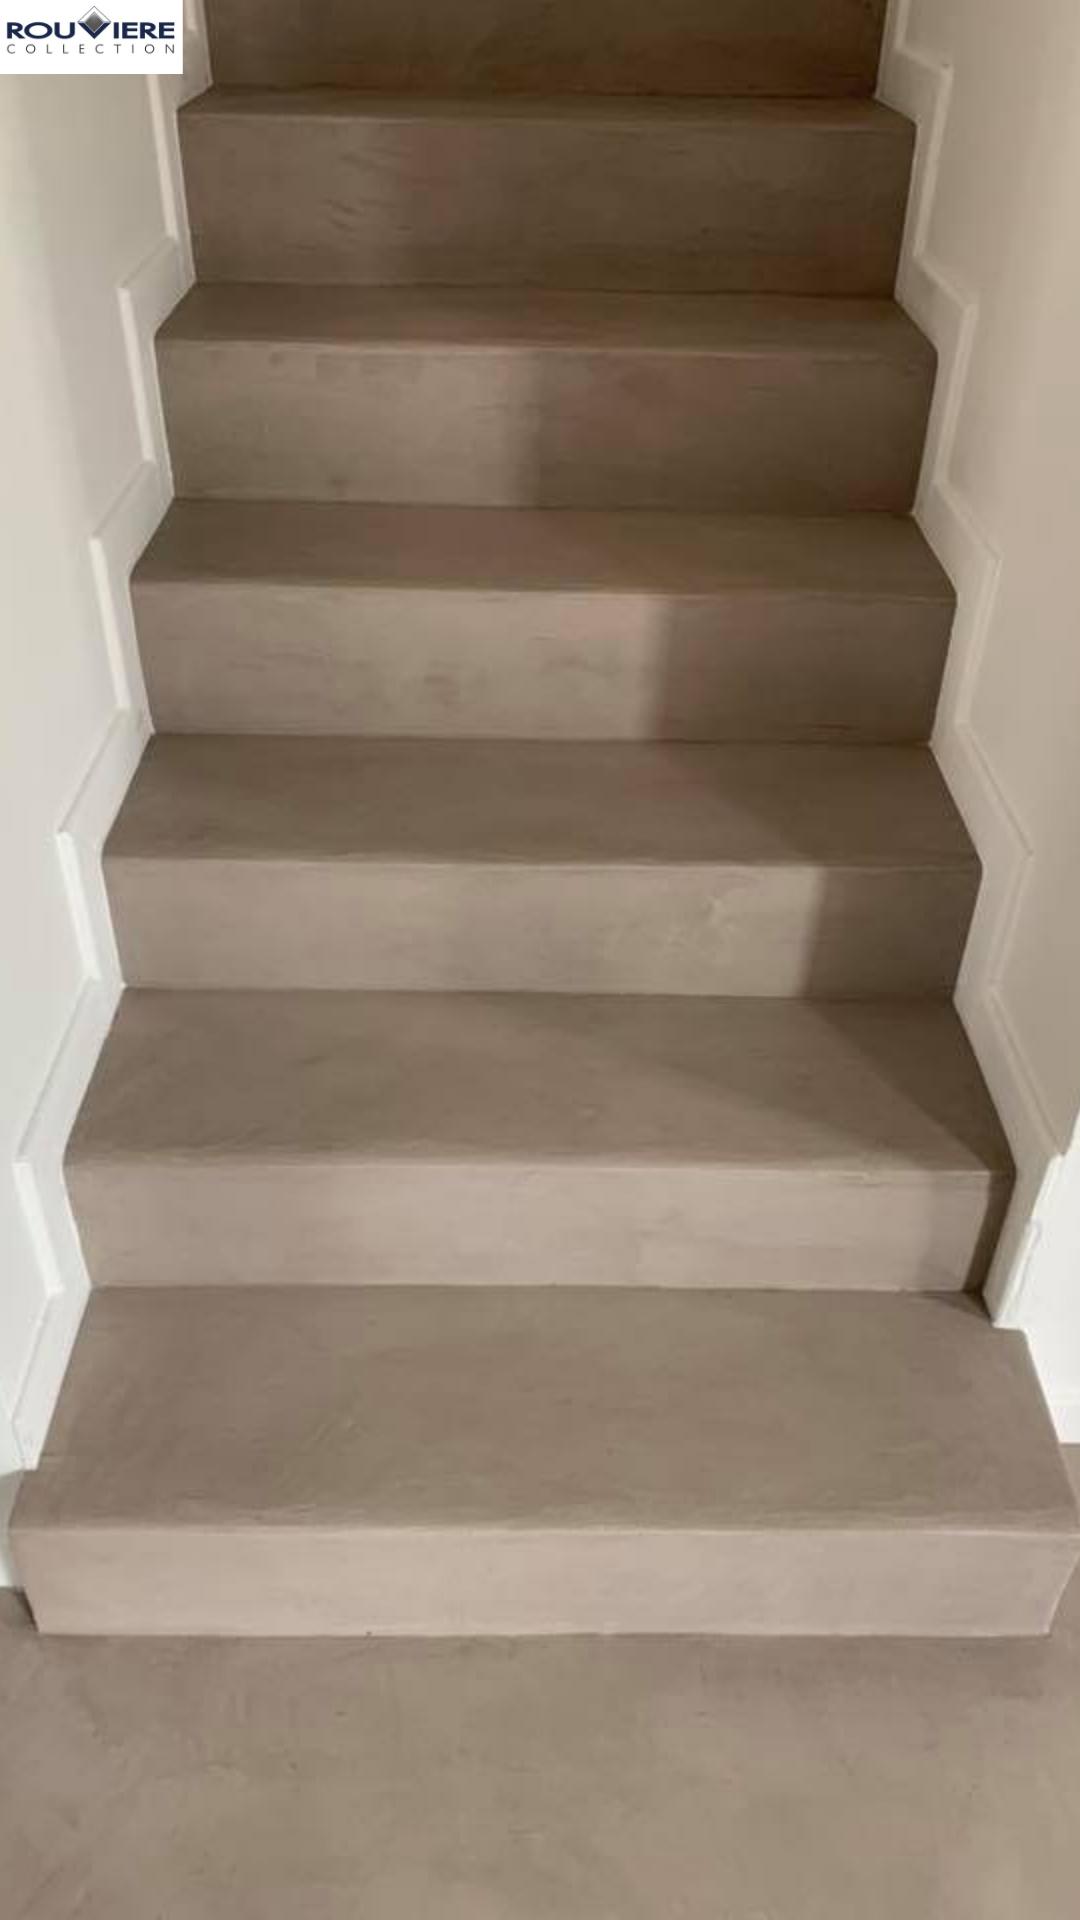 Peindre Un Escalier Carrelé rénovation du revêtement d'un escalier carrelé avec le micro